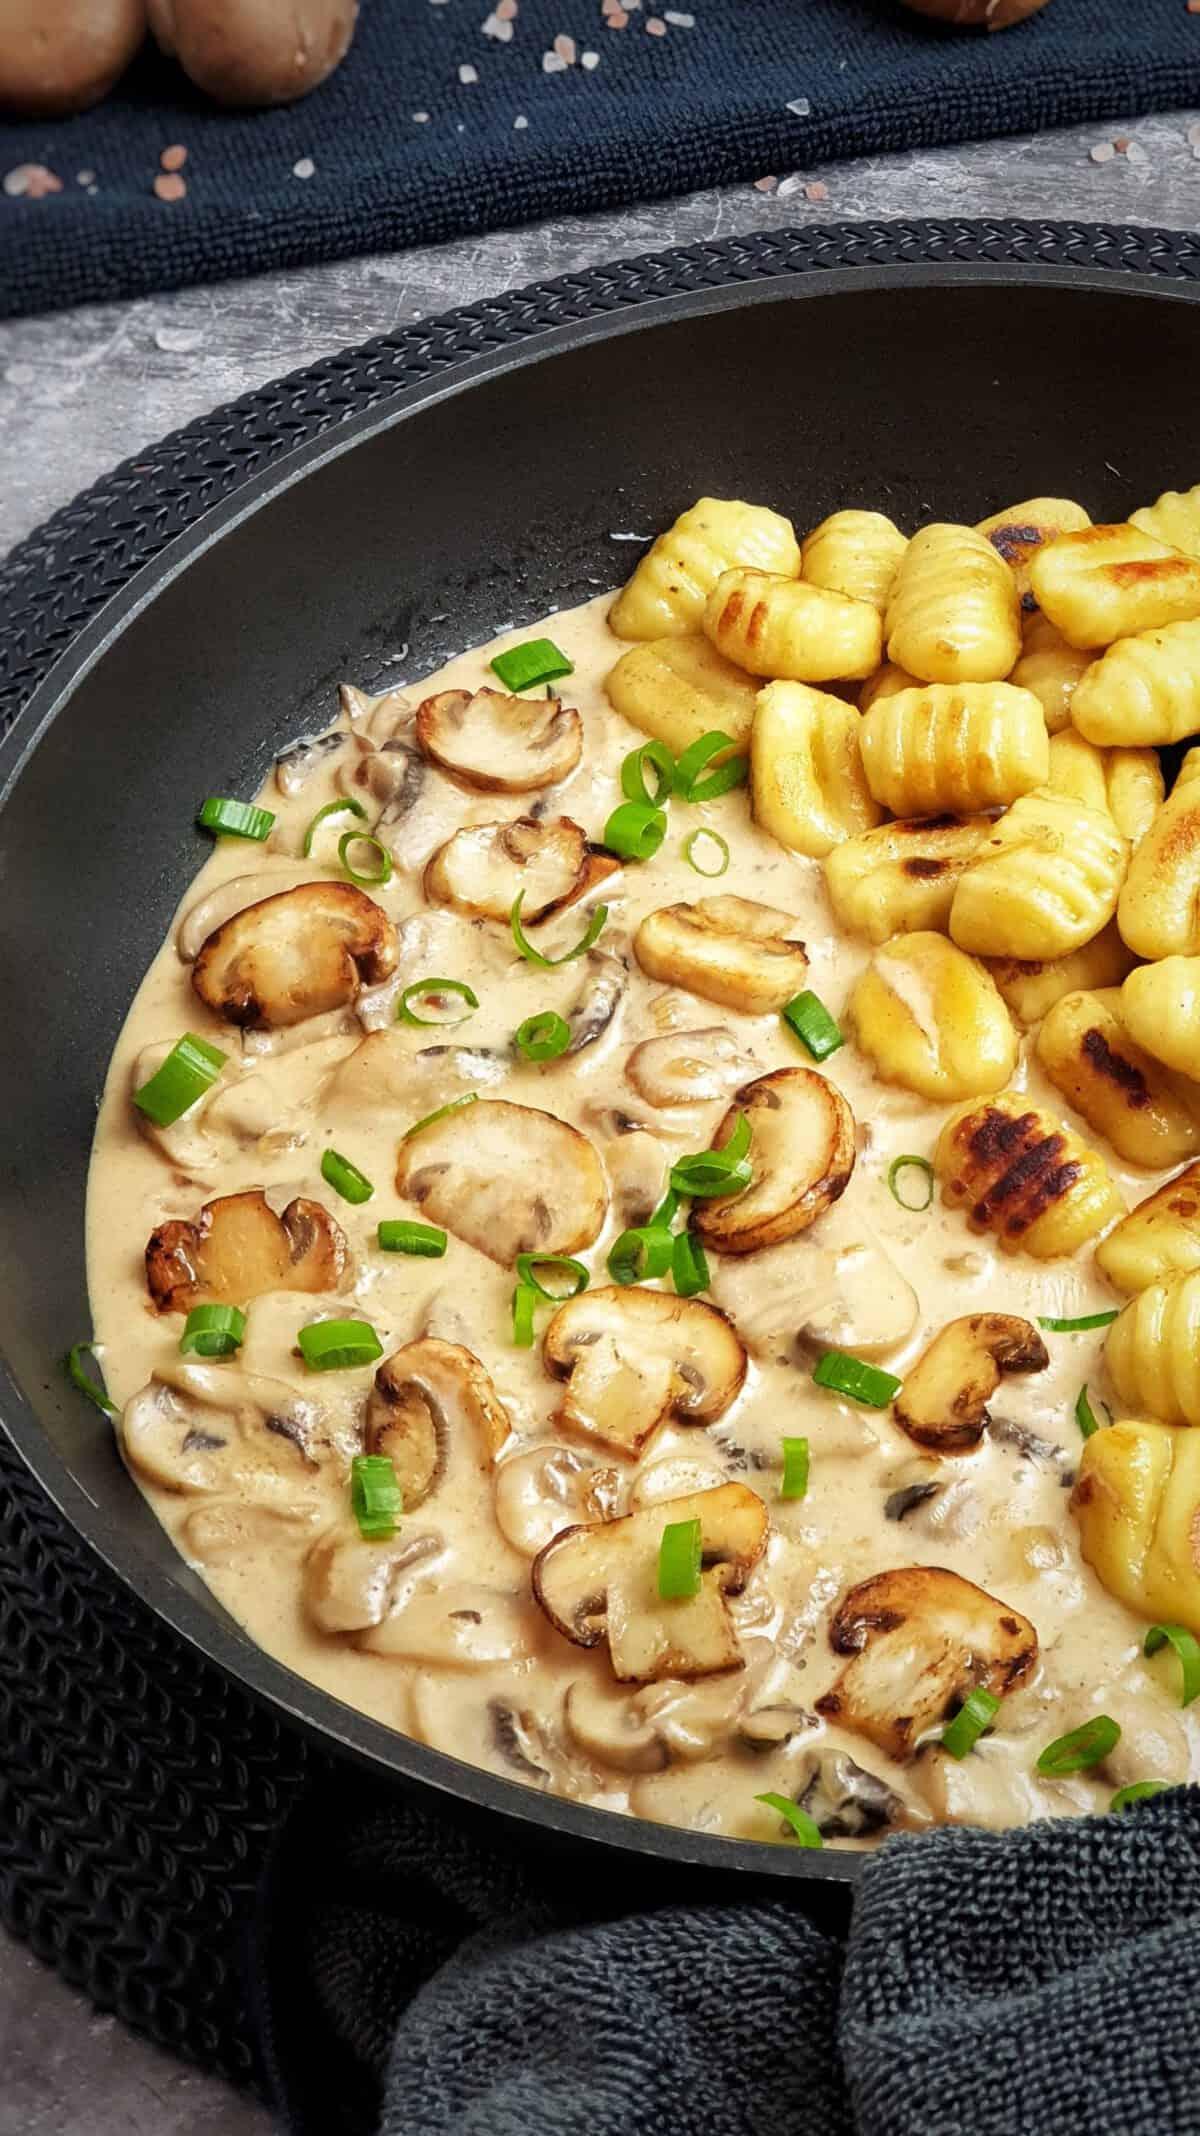 Gnocchi mit Champignons-Rahm-Soße in einer Pfanne angerichtet und mit Schnittlauch bestreut.